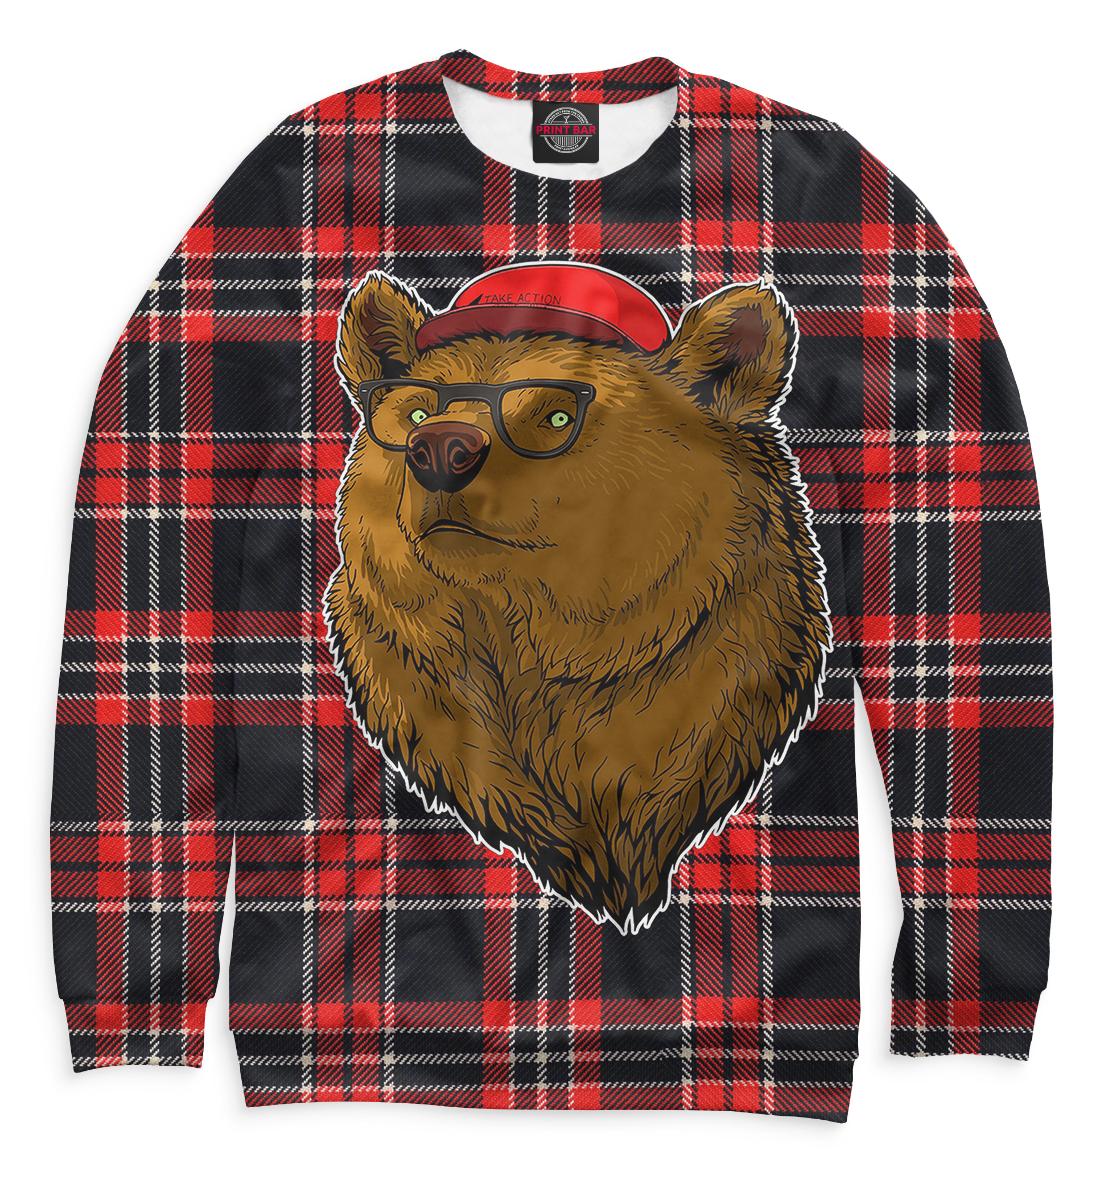 Купить Медведь в очках и бейсболке, Printbar, Свитшоты, MED-150376-swi-1